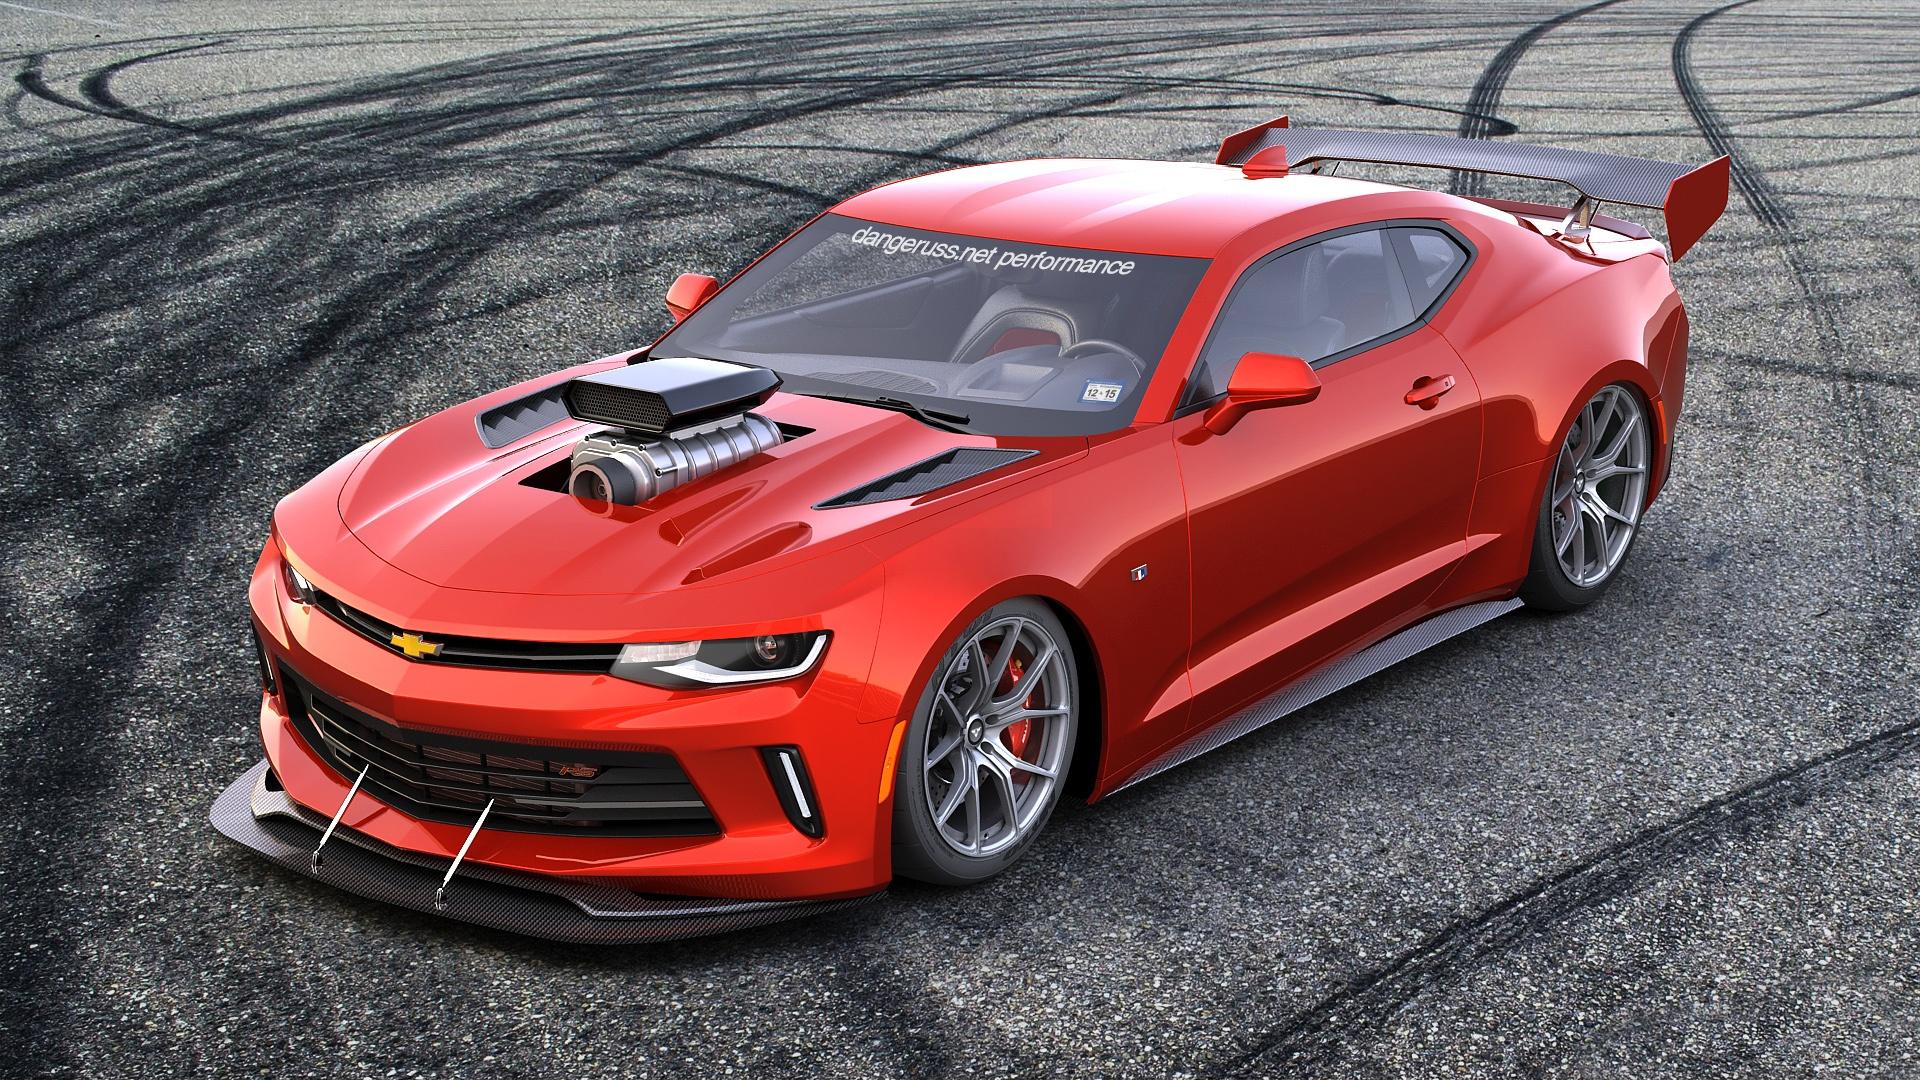 красный спортивный автомобиль chevrolet camaro red sports car скачать